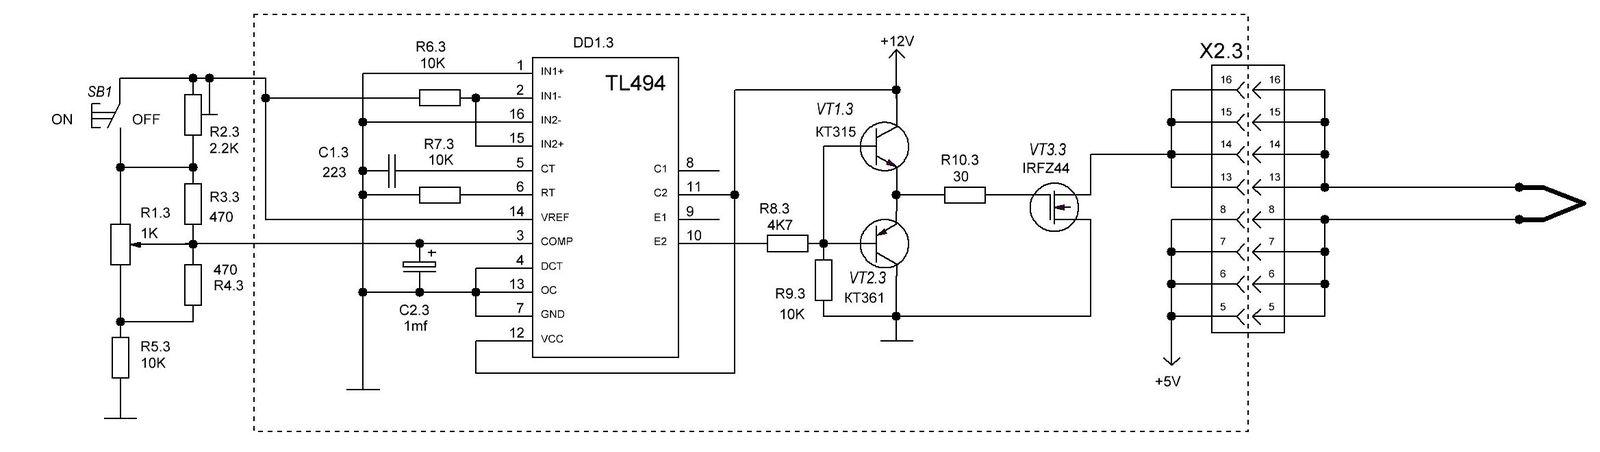 схема регулятора температуры жала выжигателя